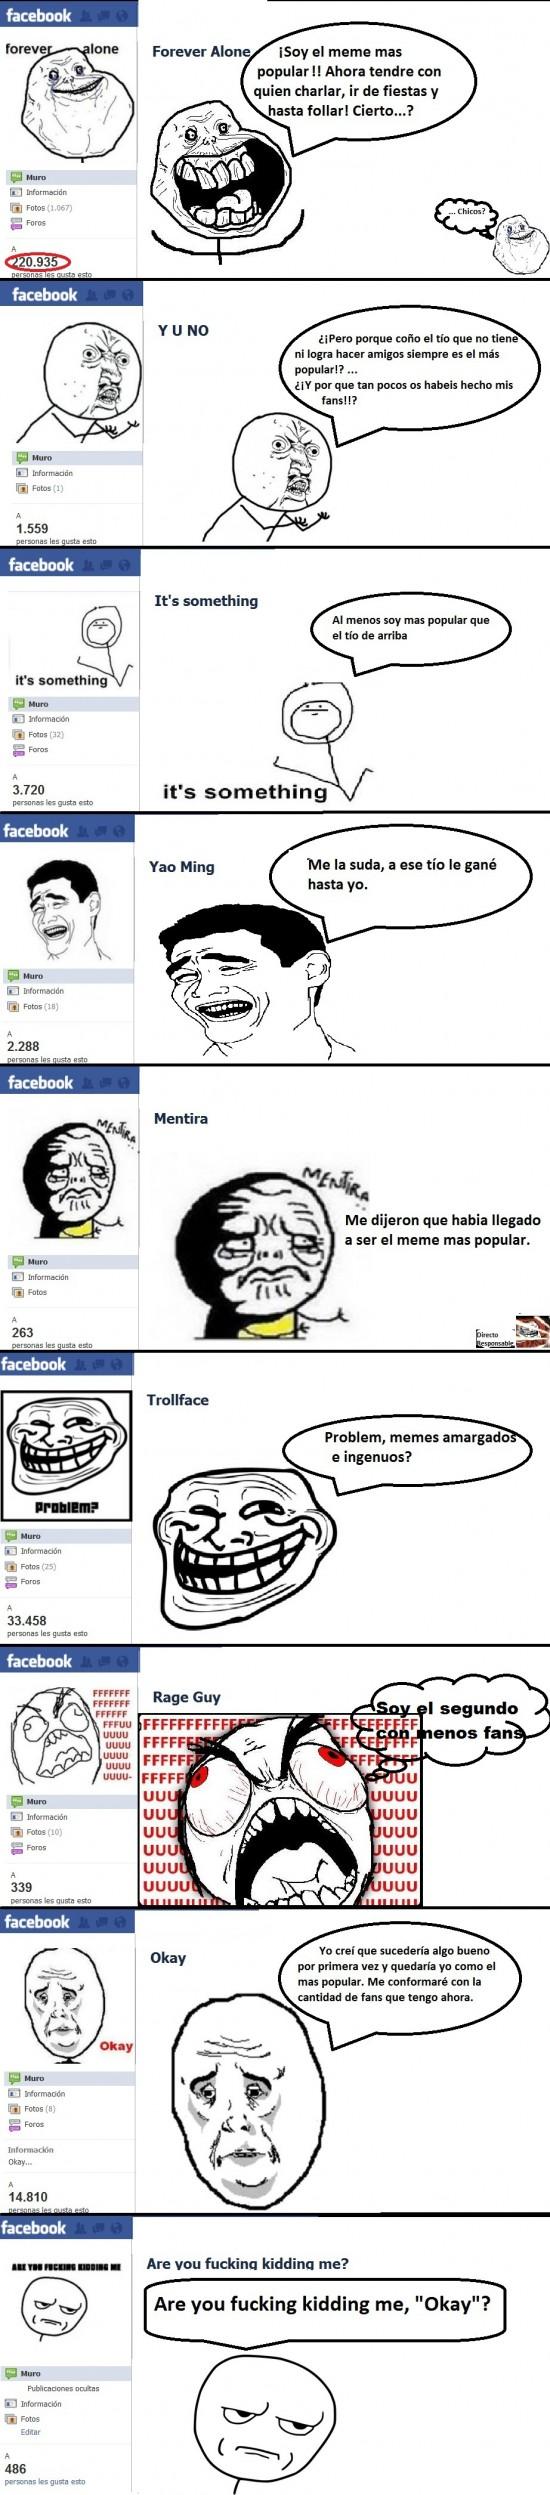 Mix - Memes en el facebook